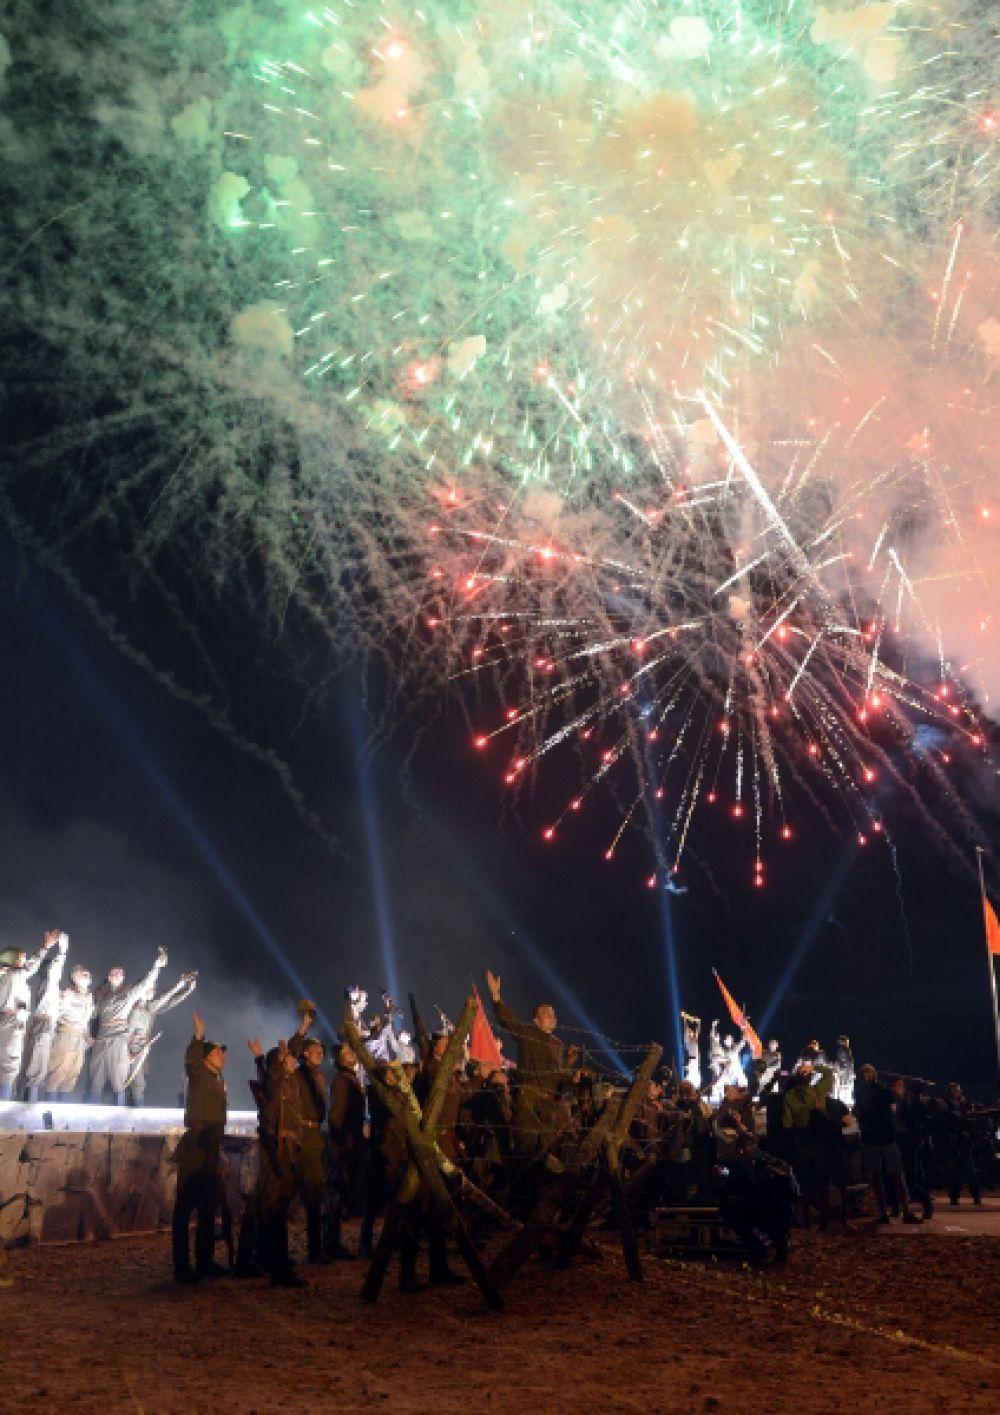 В этих соревнованиях приняли участие 57 команд от 17 государств, представители Европы, Азии, Африки и Латинской Америки.